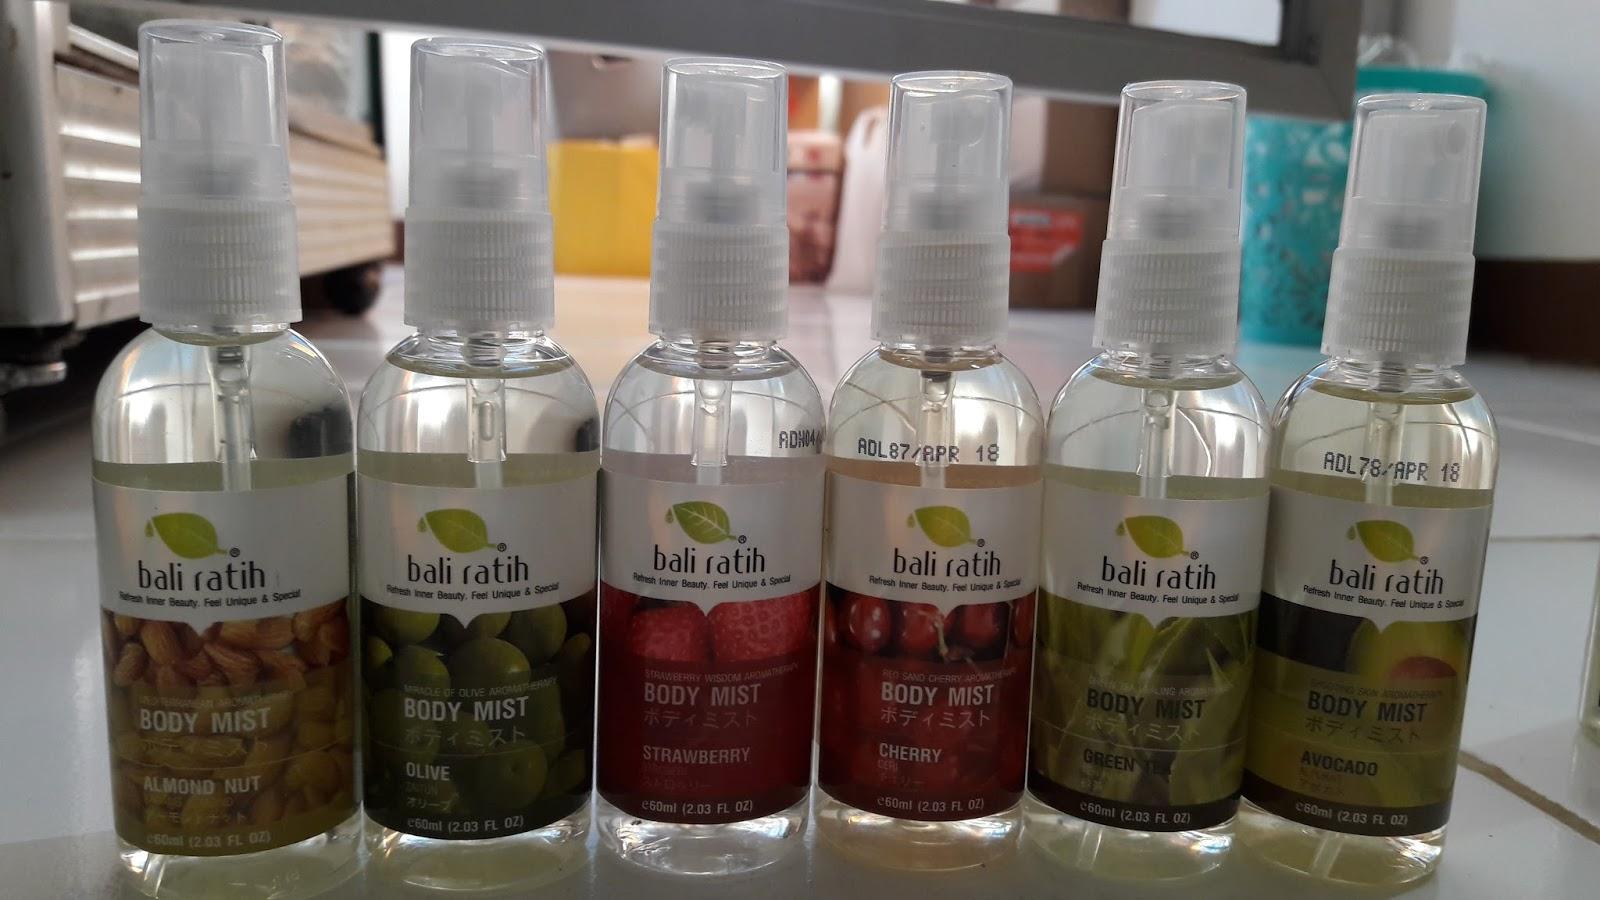 Bali Ratih Body Mist Lotion Punya 13 Aroma Yg Siap Ready Kapanpun Produk Ini Original Langsung Dari Yaps Siapa Ga Kenal Selain Pantai Indah